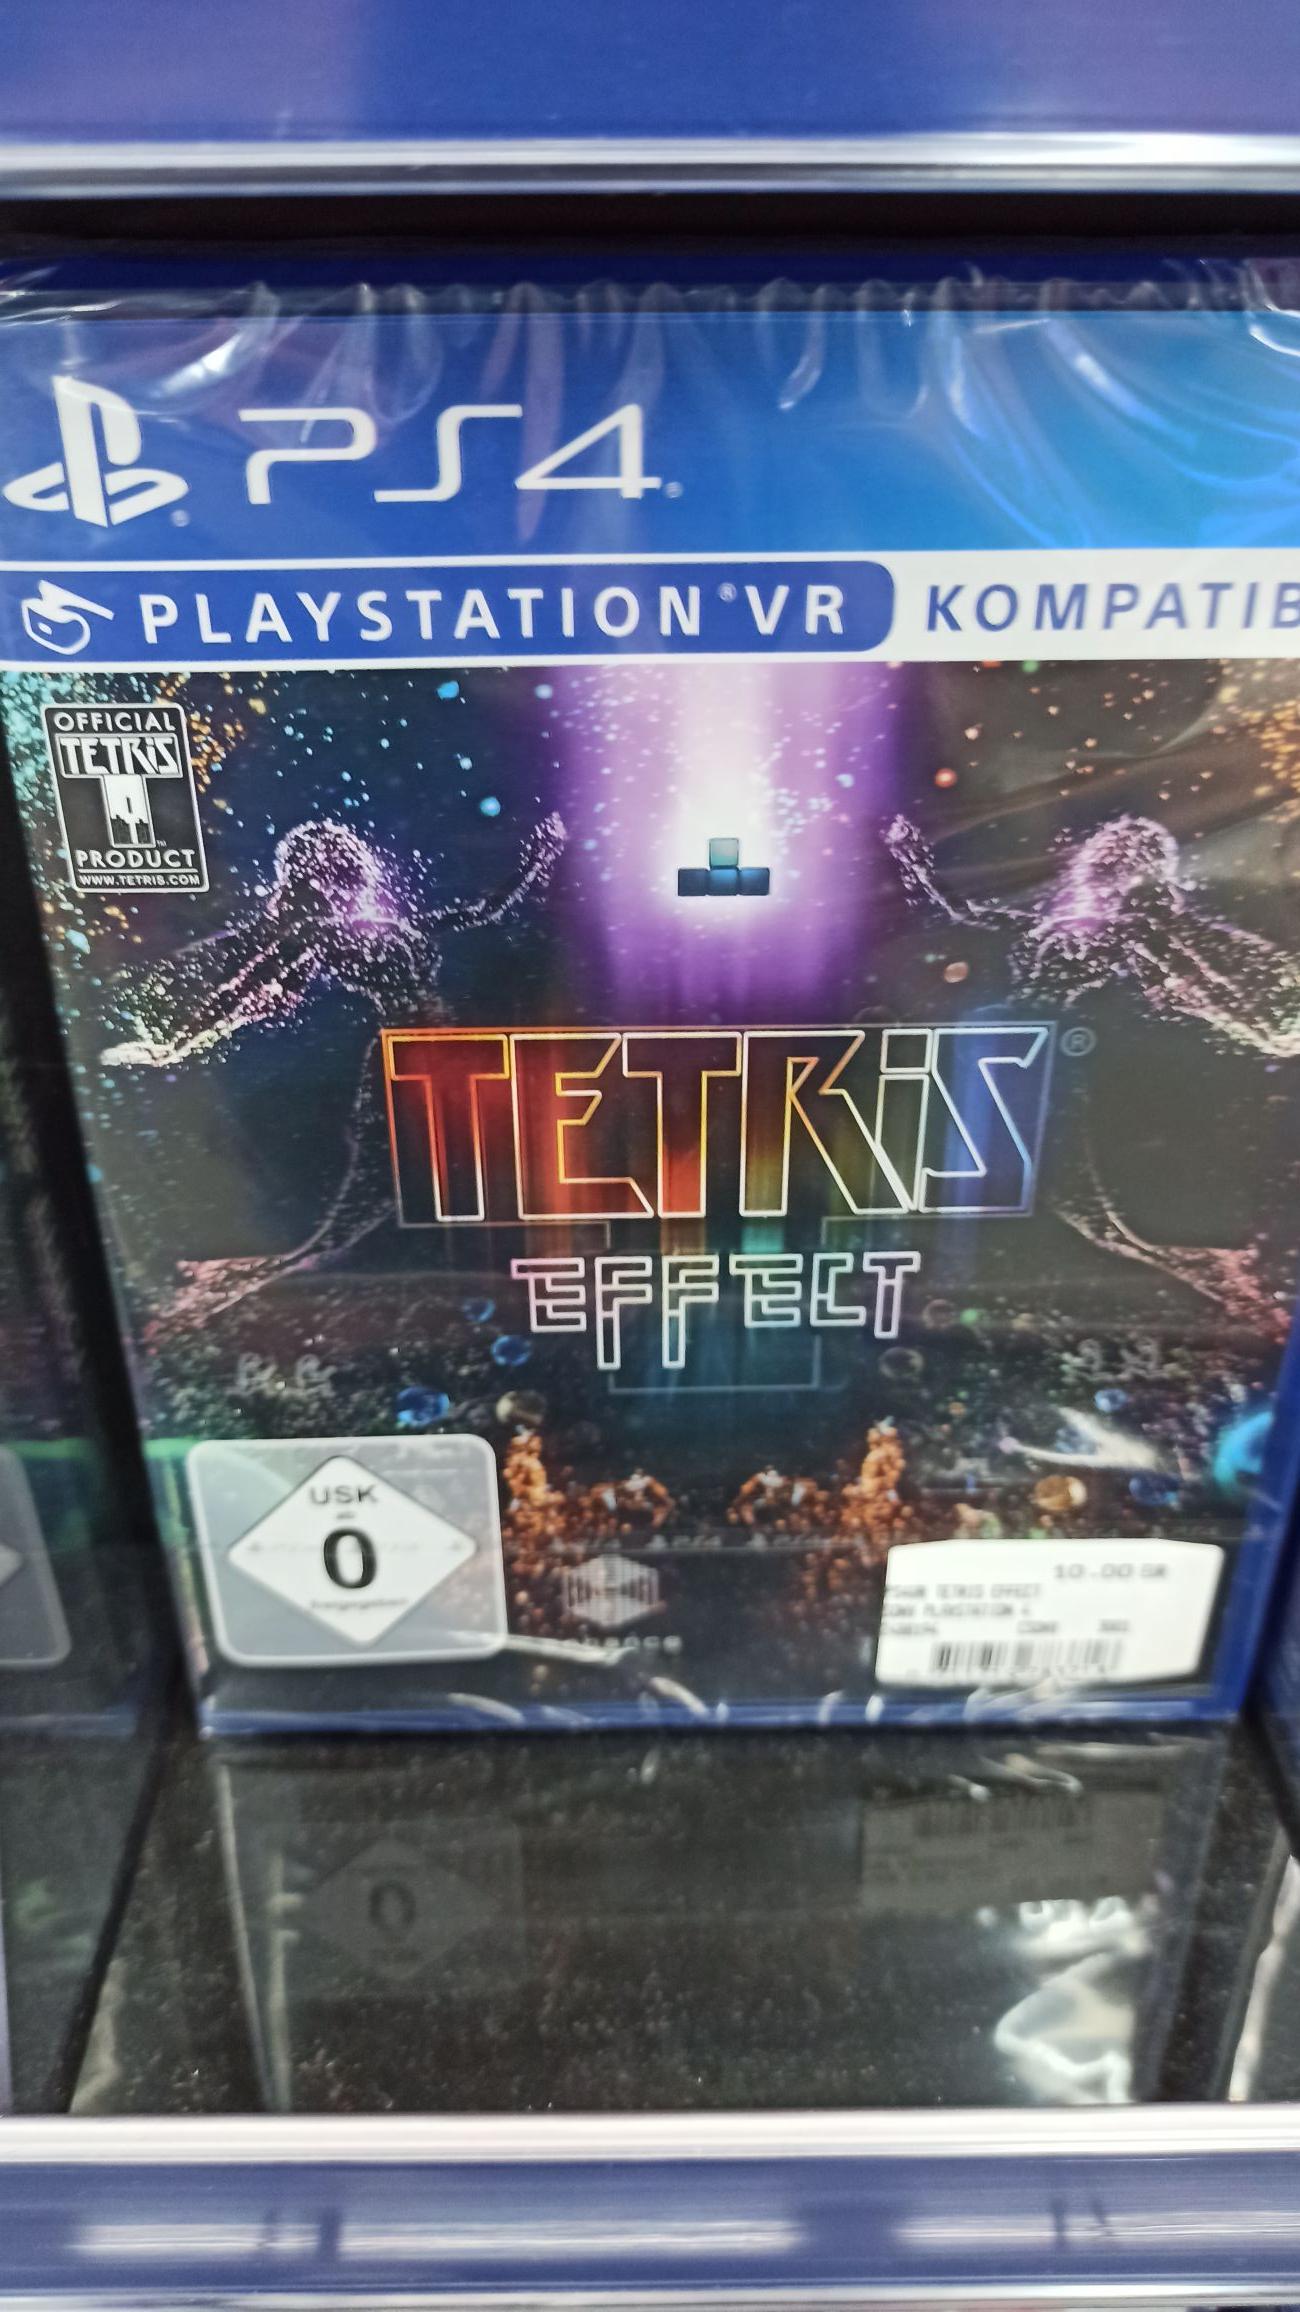 Lokal Mediamarkt Weiterstadt - PS4 VR Tetris Effect